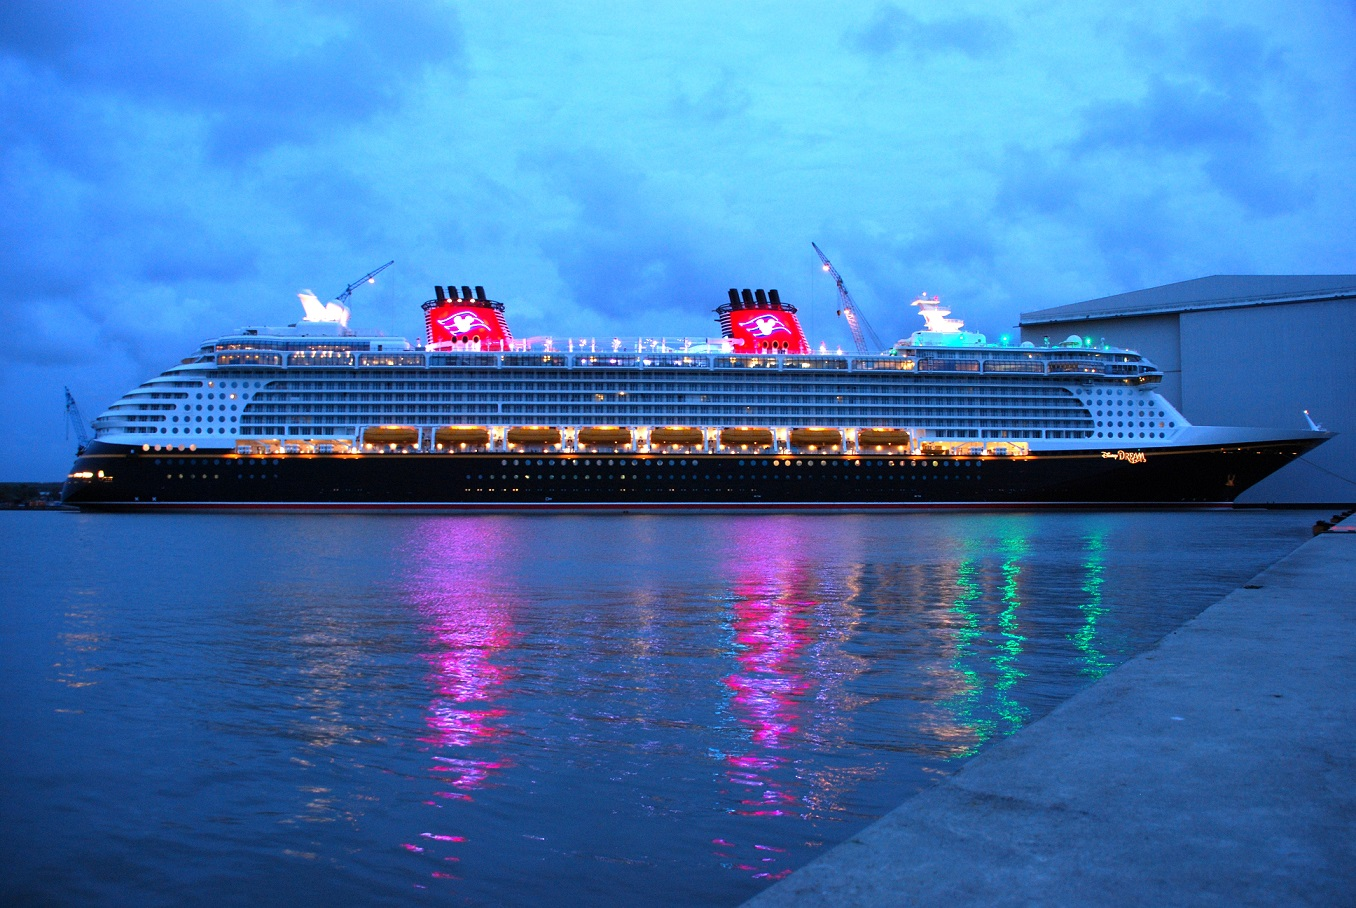 Die DISNEY DREAM am Pier der Meyer Werft im Jahr 2010.